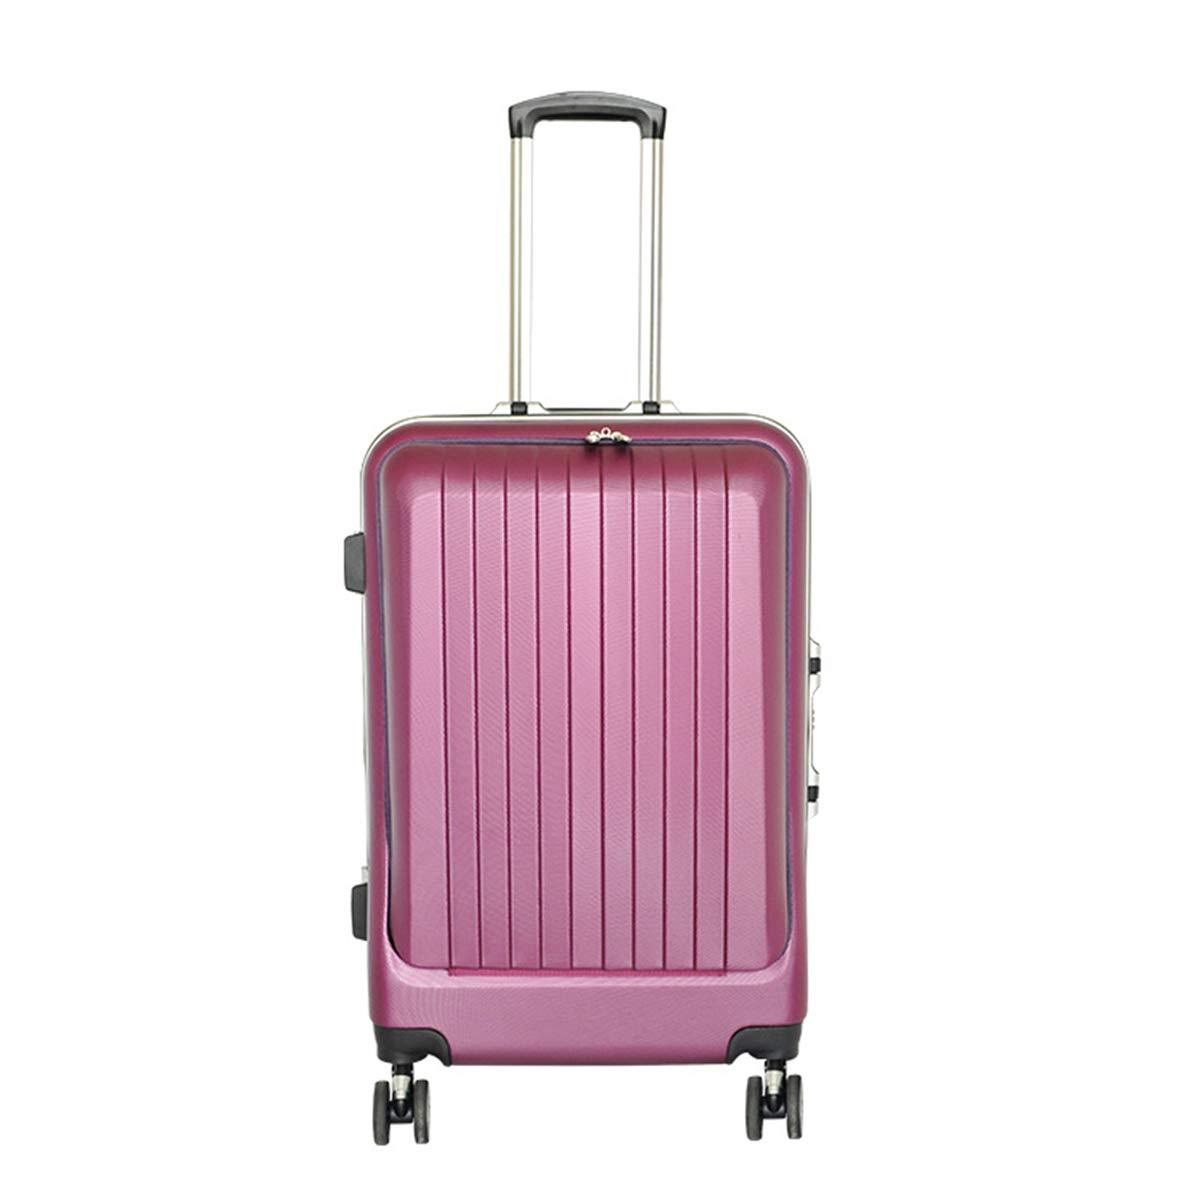 荷物、スーツケースPC + ABS付きTSAロックスピナー軽量ハードシェル360°スピナー荷物トロリー,picture,24inch B07QHZL74F picture 24inch